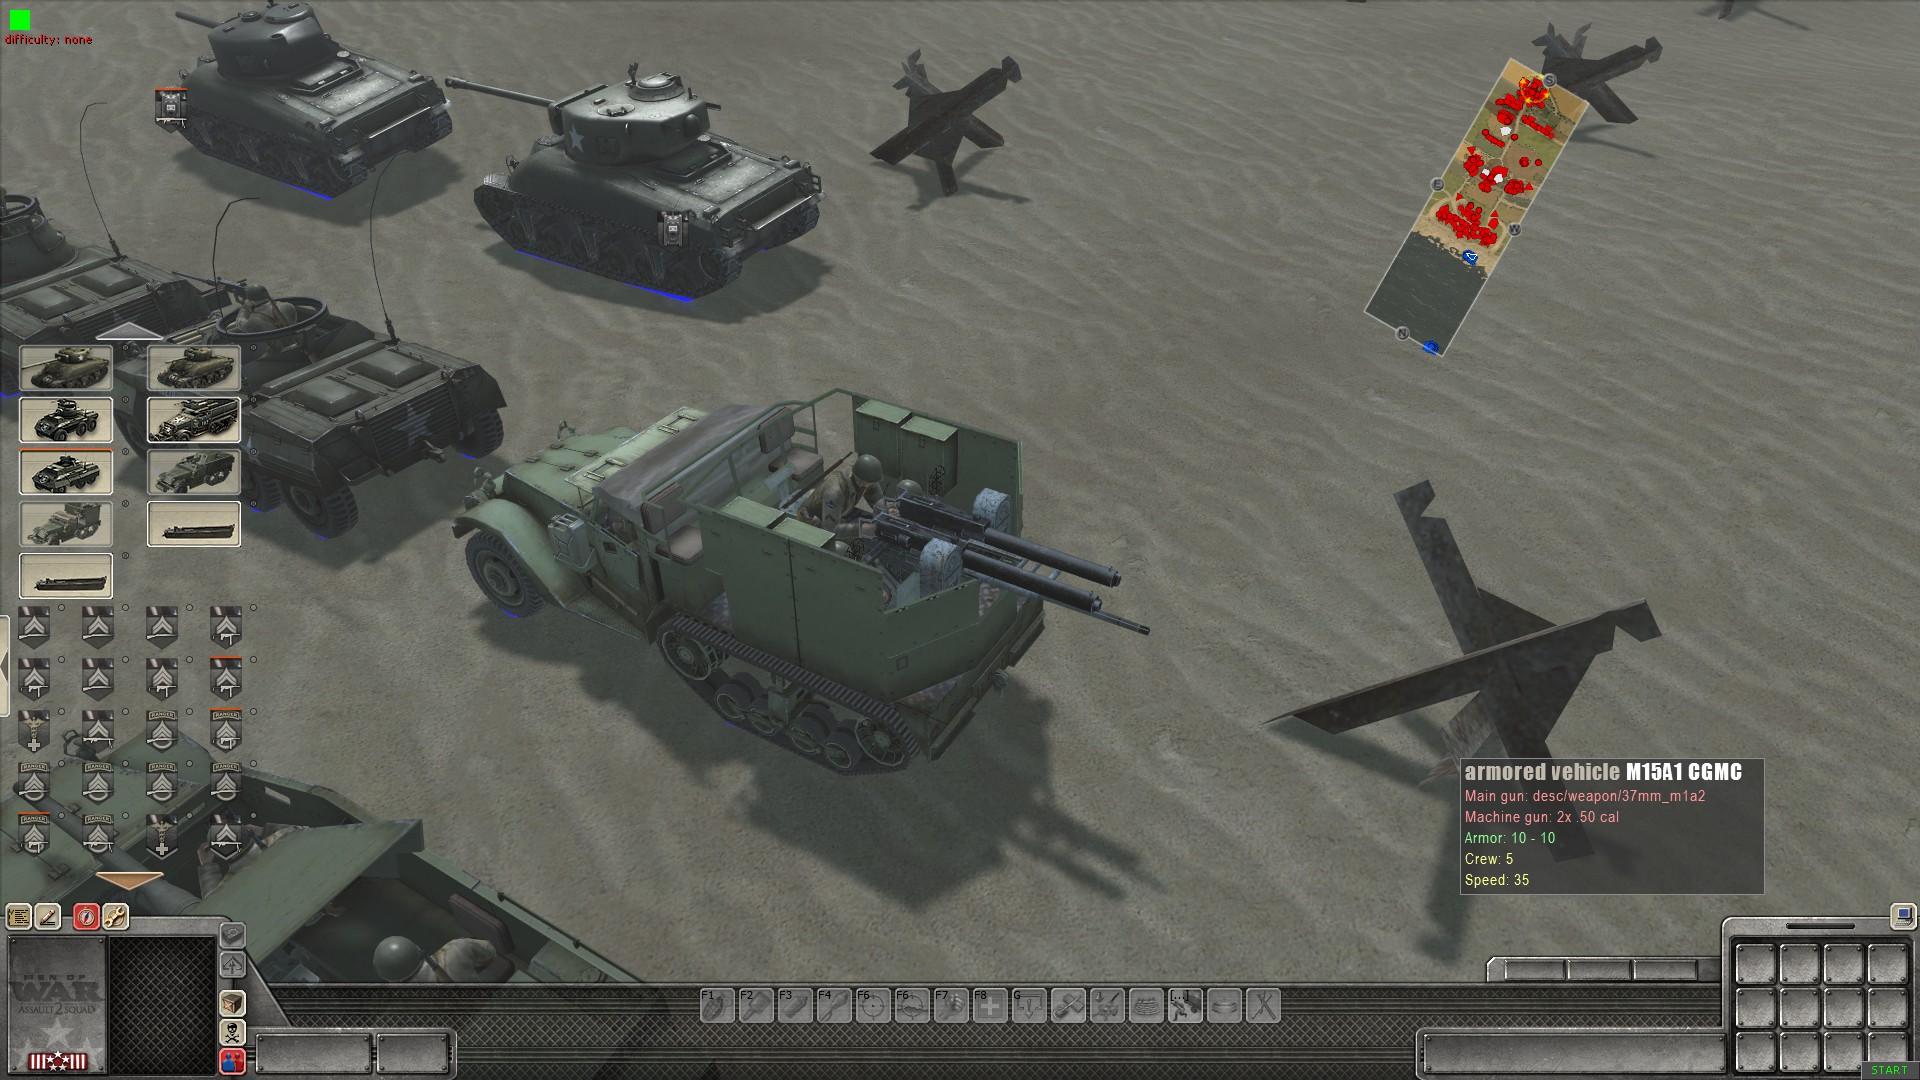 Скачать RobZ Realism mod v1.22.2 (AS2, 3.250.0) — бесплатно